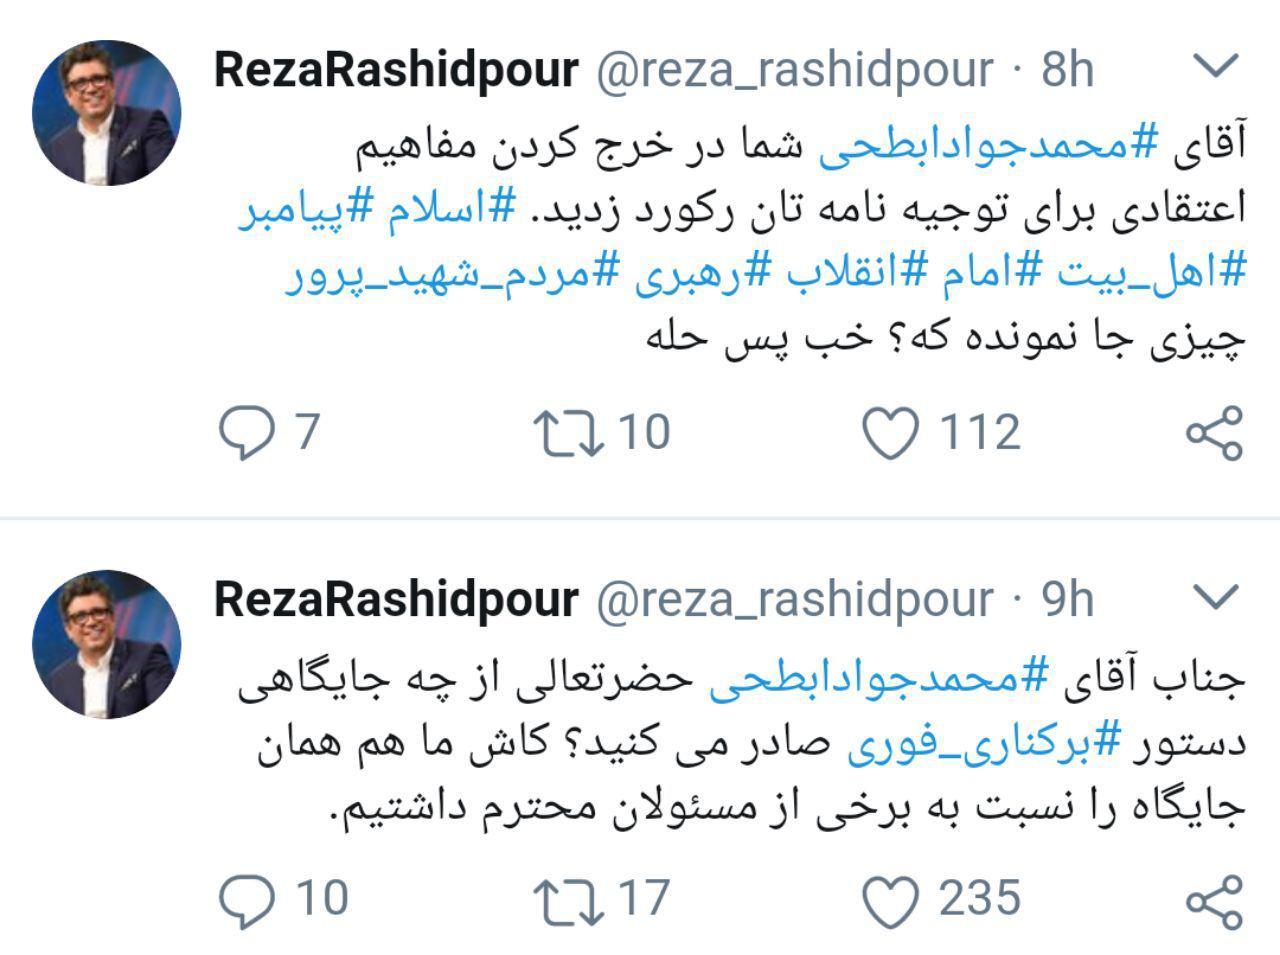 واکنش های توییتری رضا رشیدپور به نامه نماینده خمینی شهر (عکس)